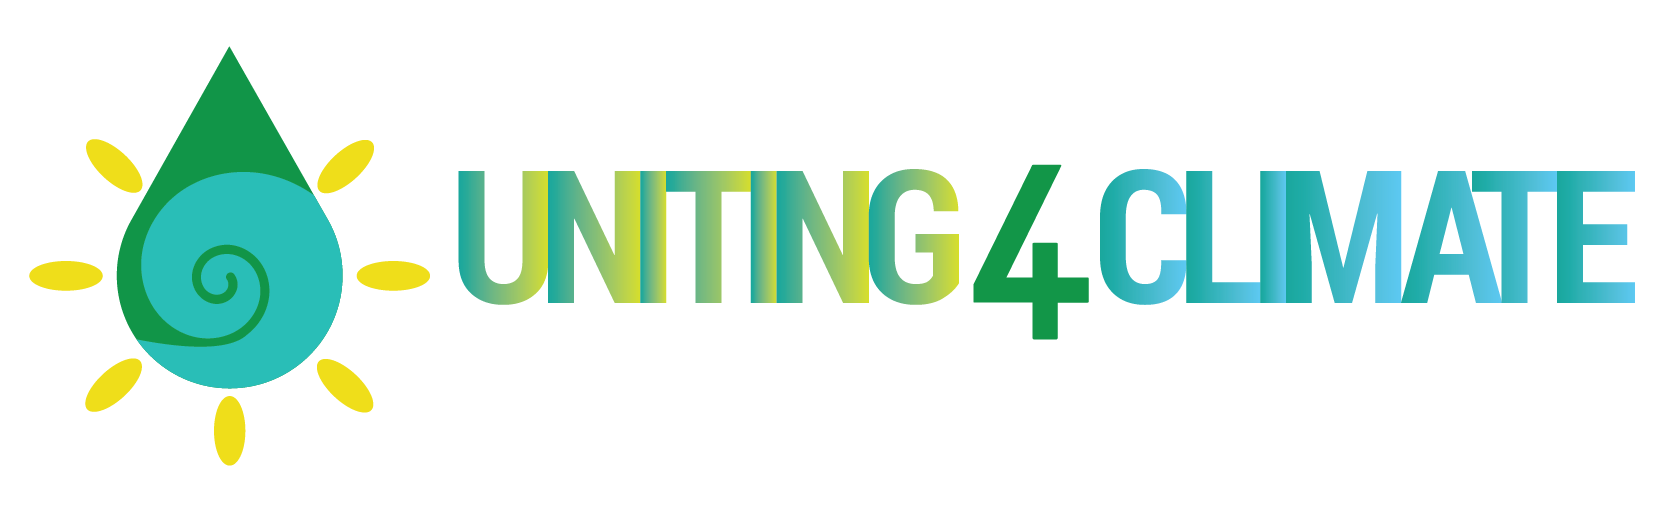 Uniting4Climate-logo